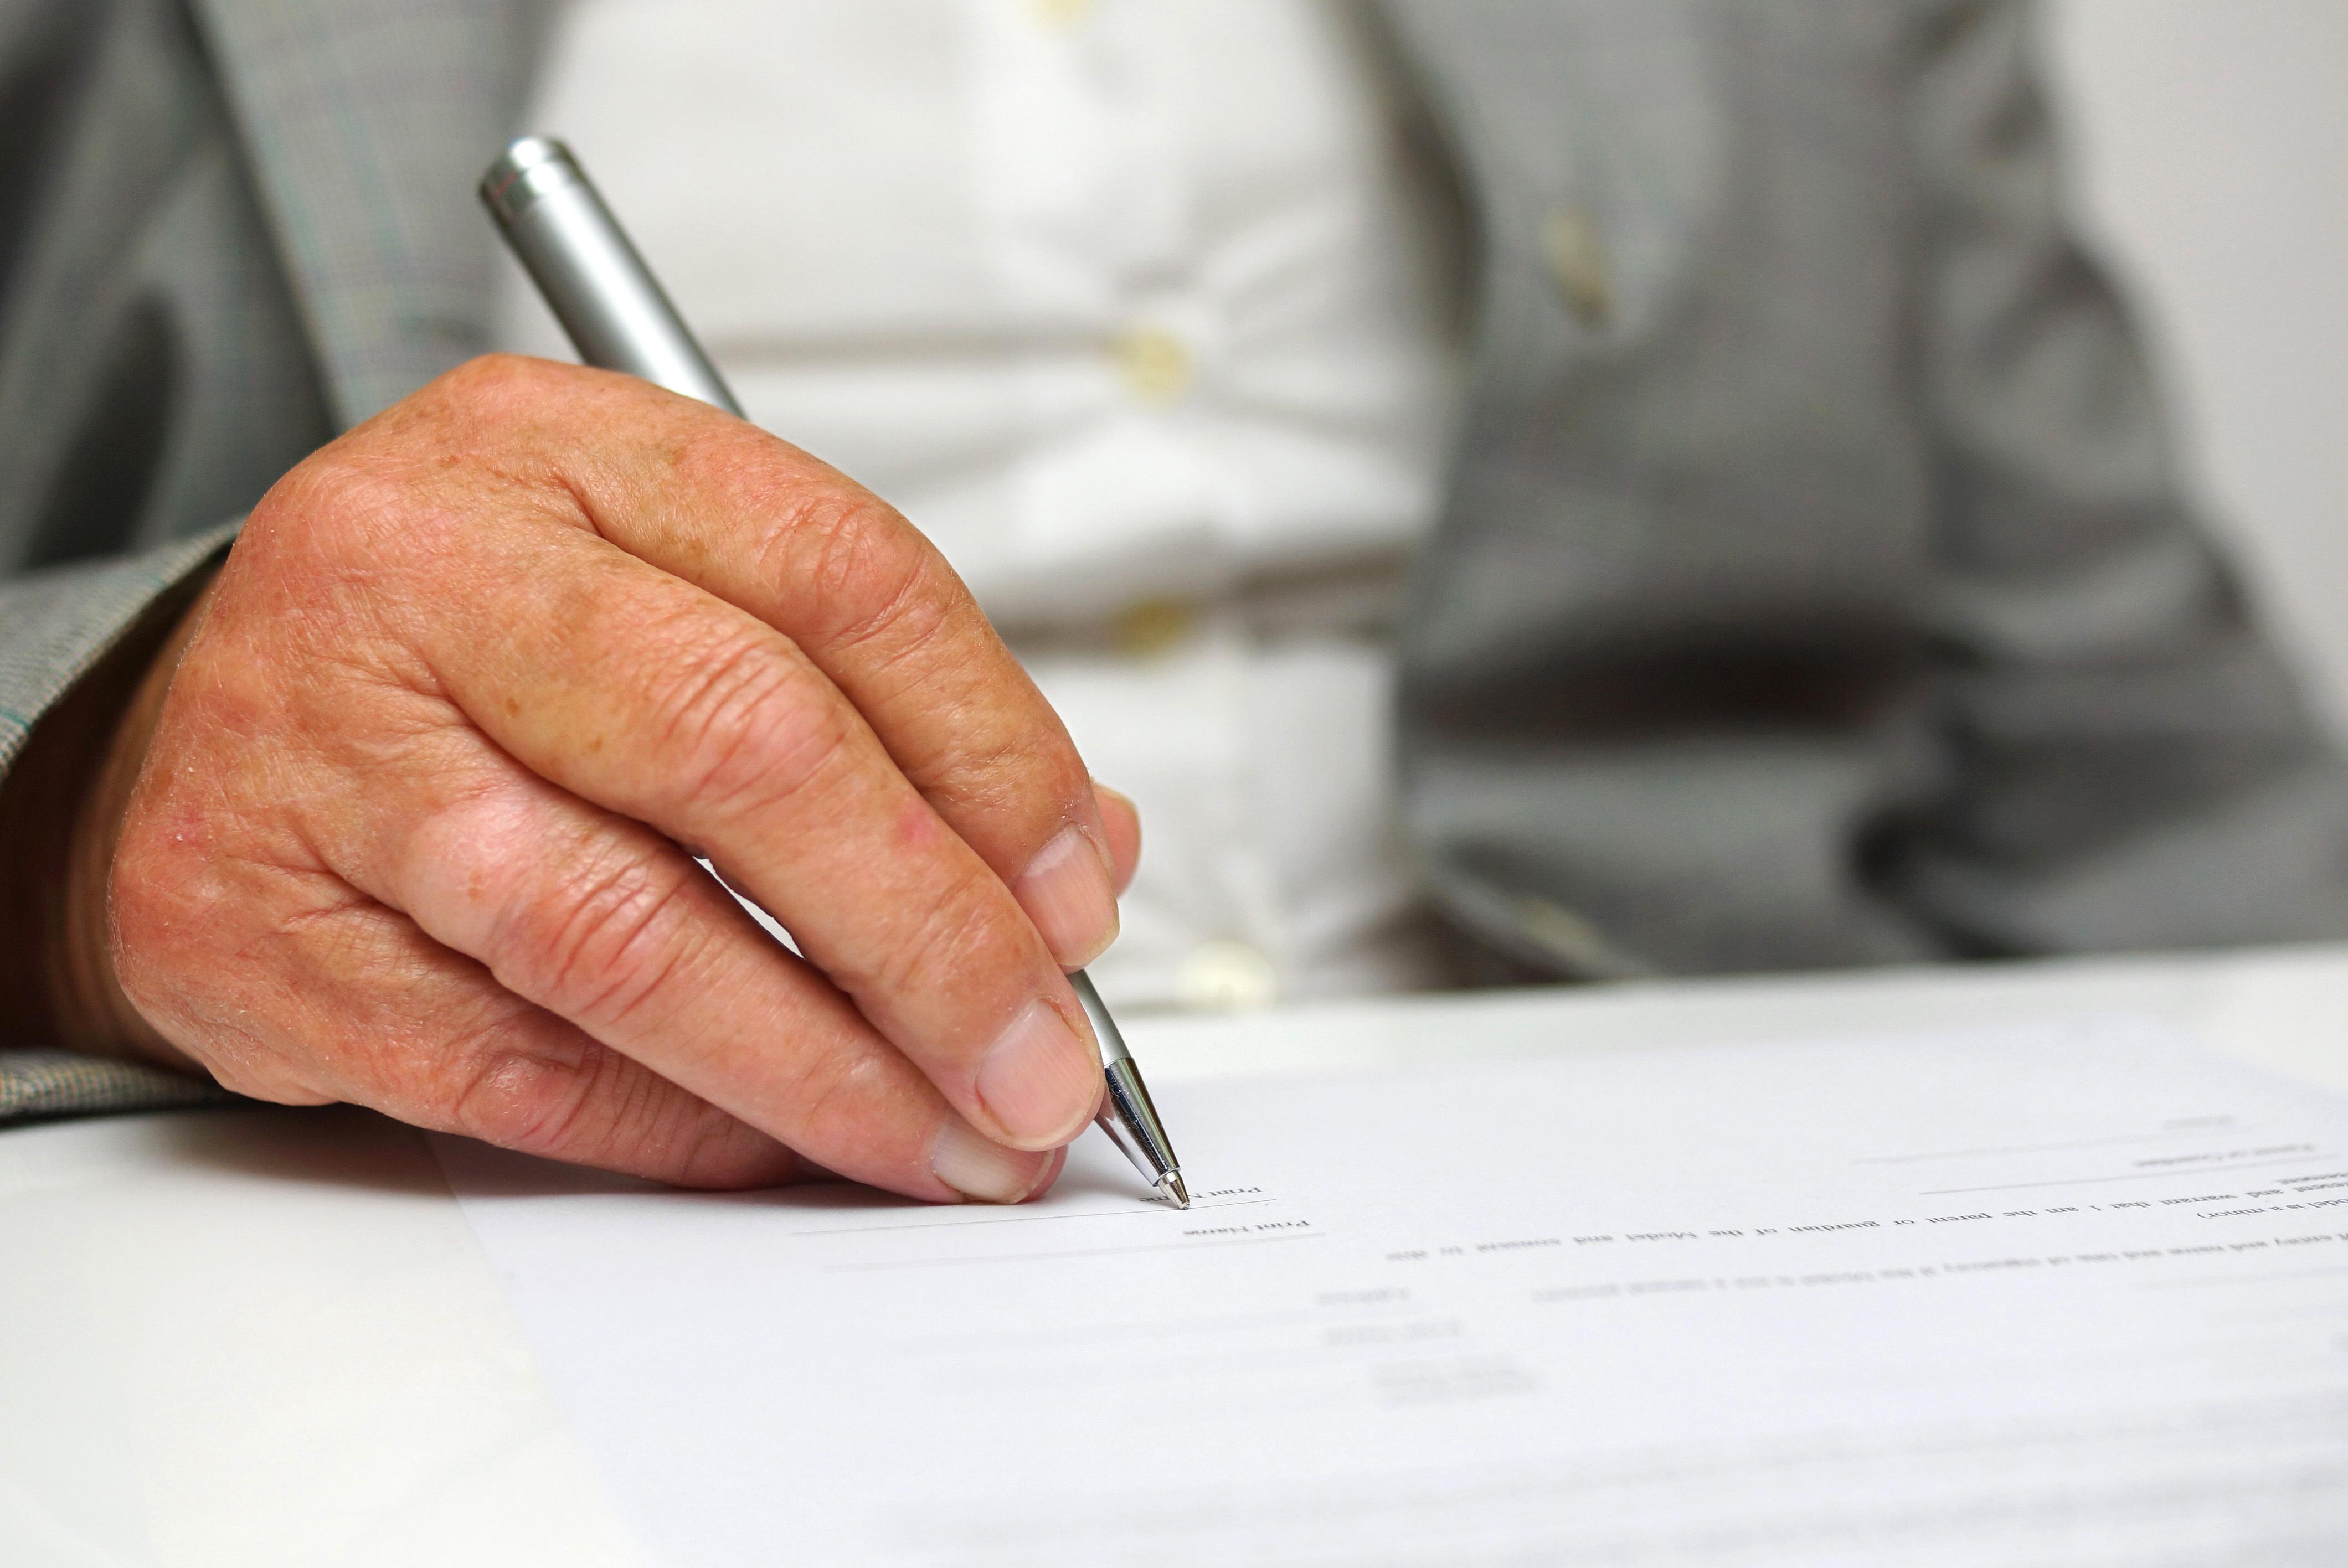 Договор дарения акций между родственниками